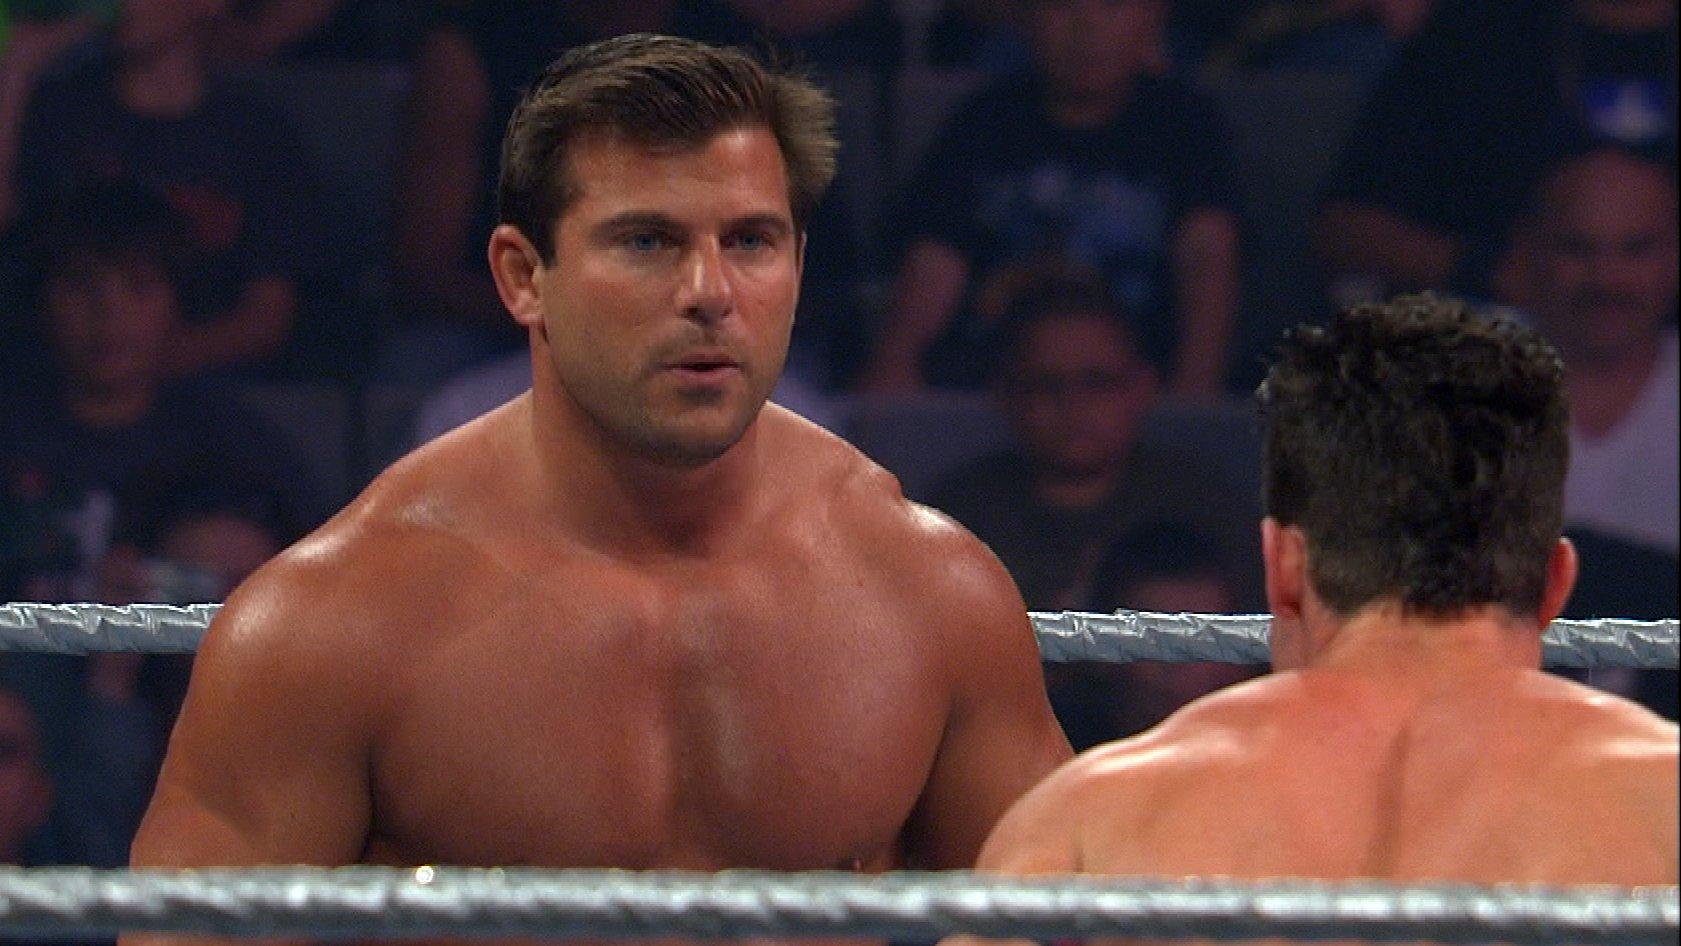 Evan Bourne vs. Matt Striker: ECW, 17 juin 2008